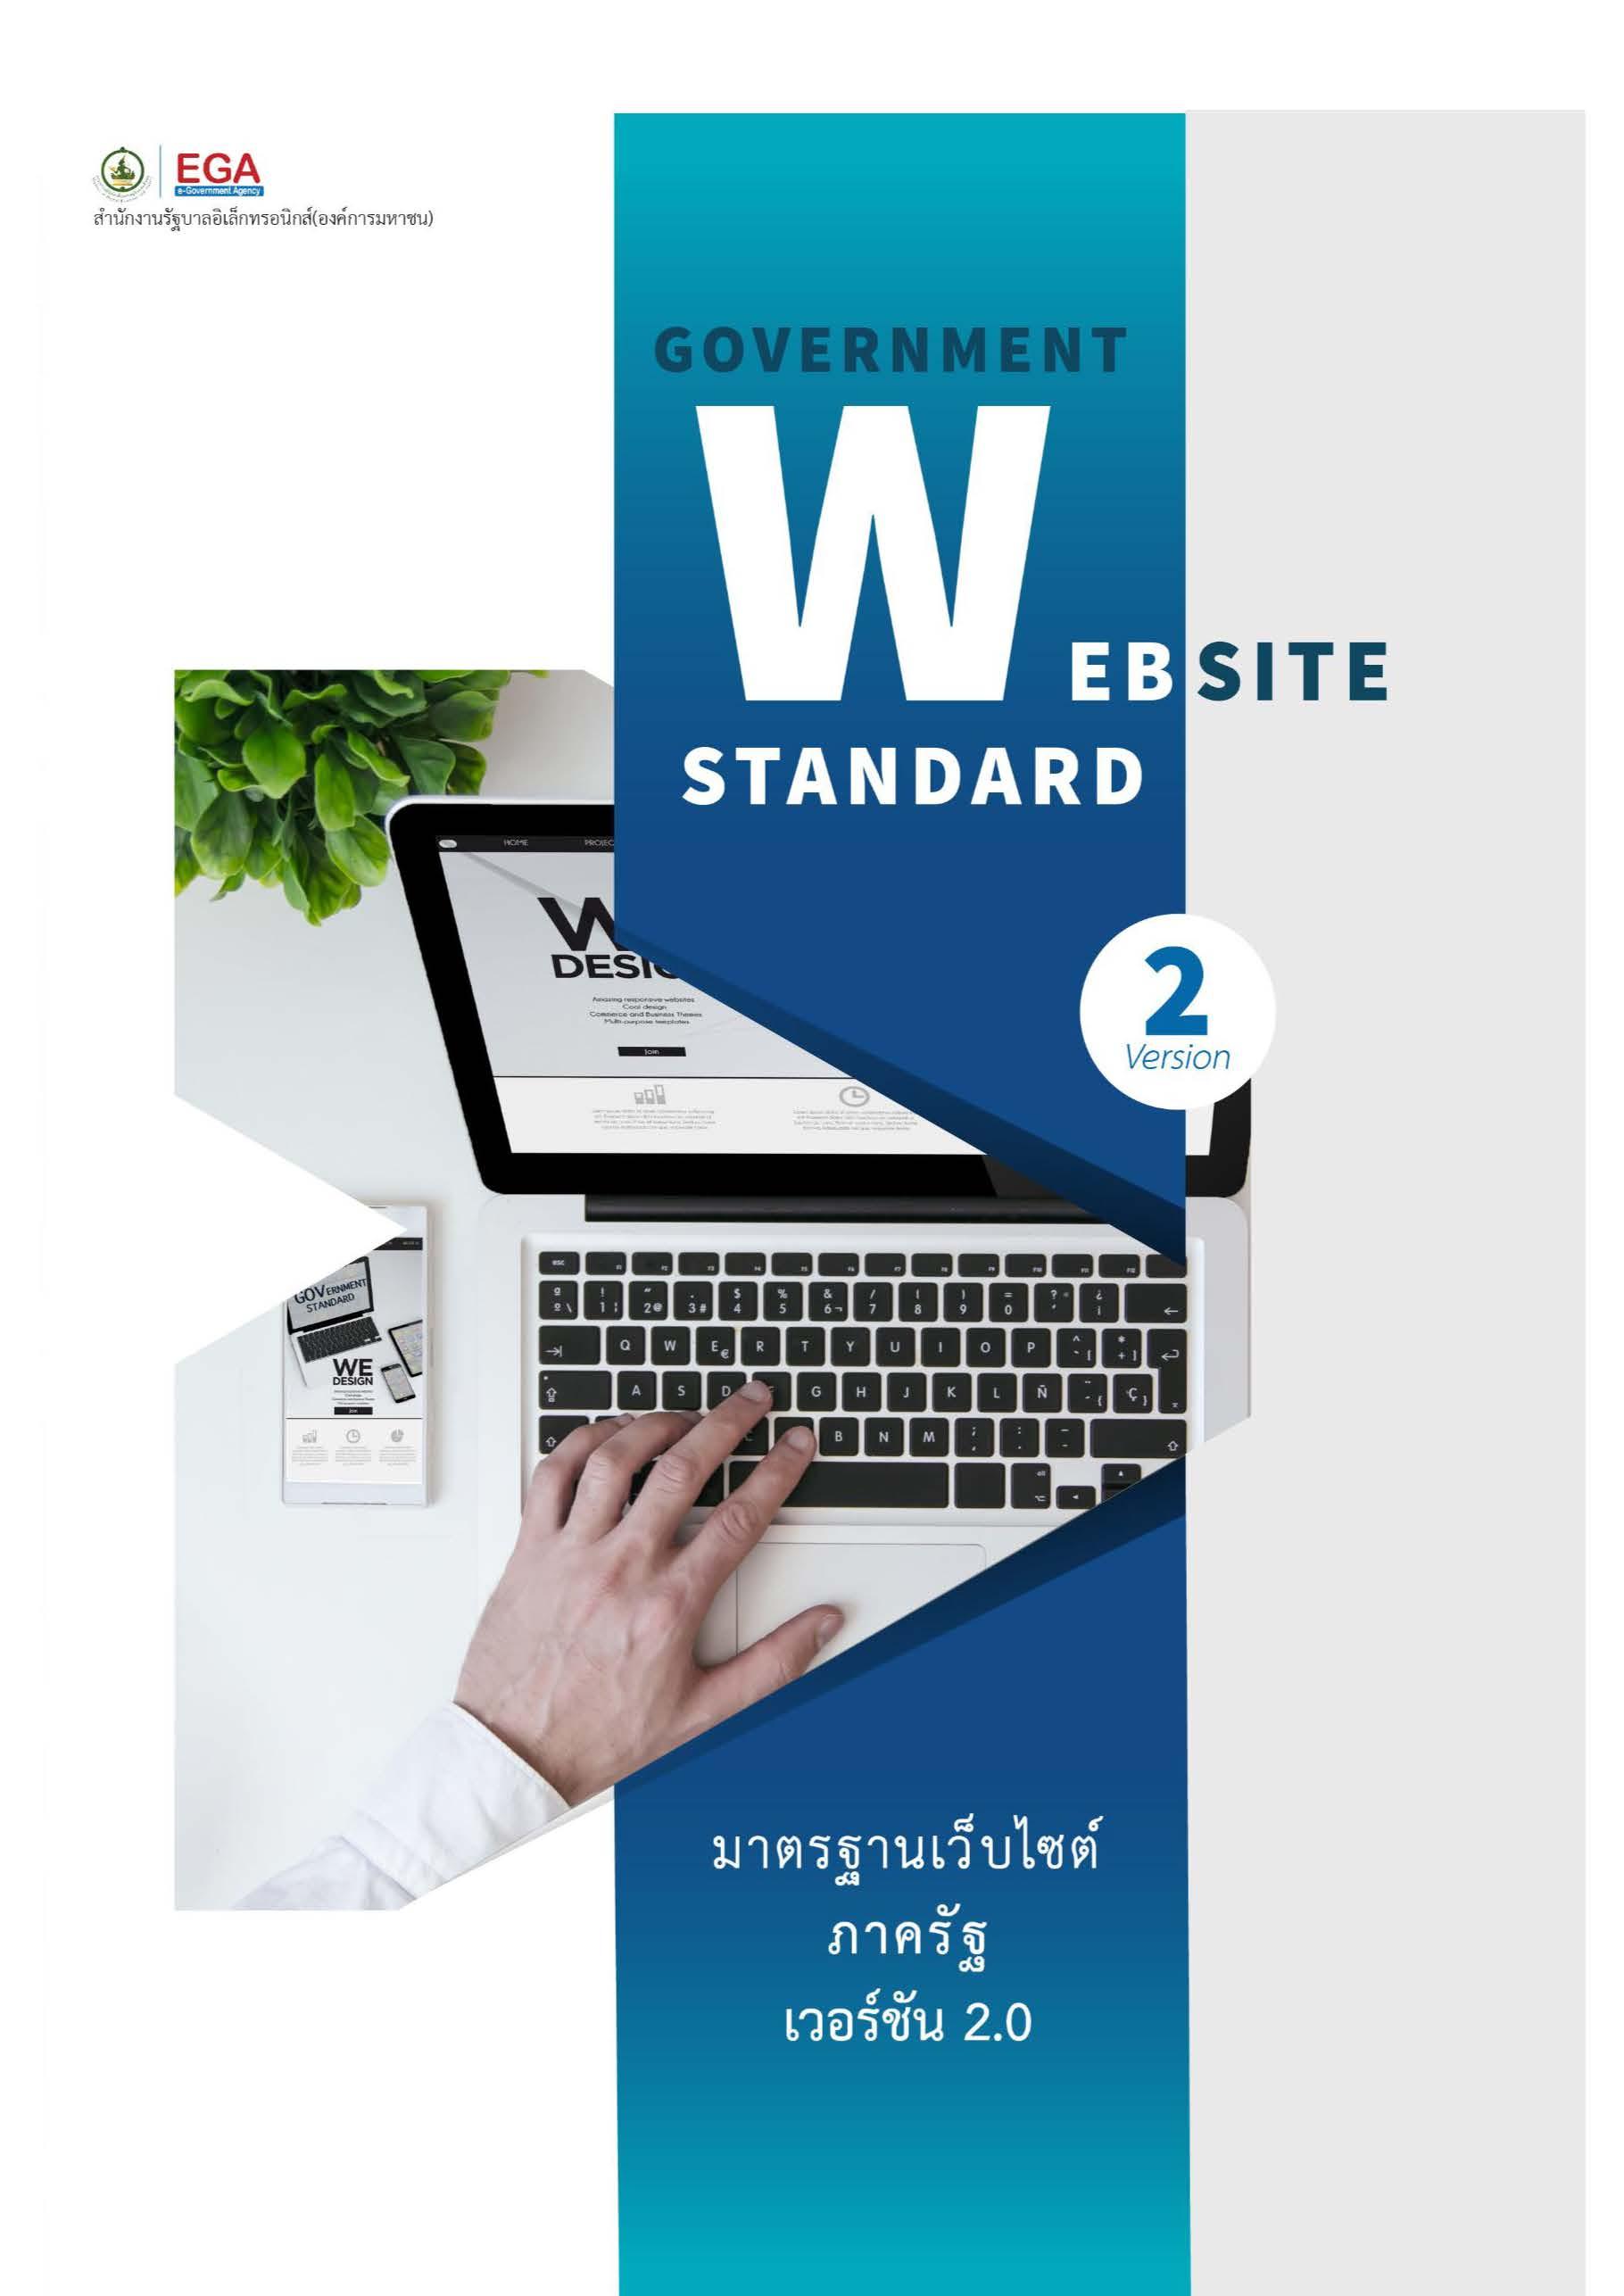 มาตรฐานเว็บไซต์ภาครัฐ (Government Website Standard)